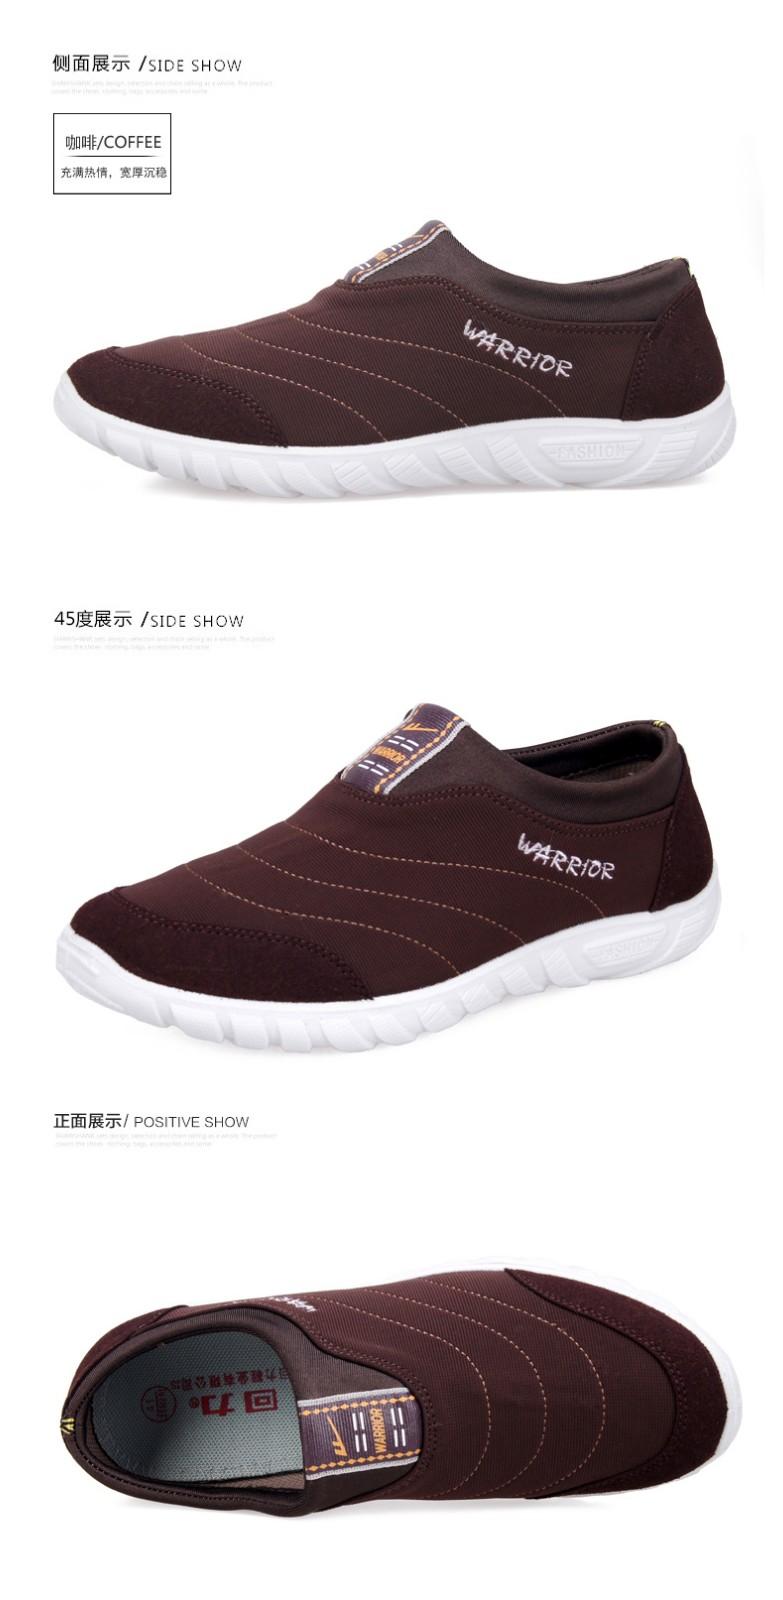 回力男鞋帆布鞋子一脚蹬懒人鞋男士潮流韩版布鞋透气鞋图片二十五